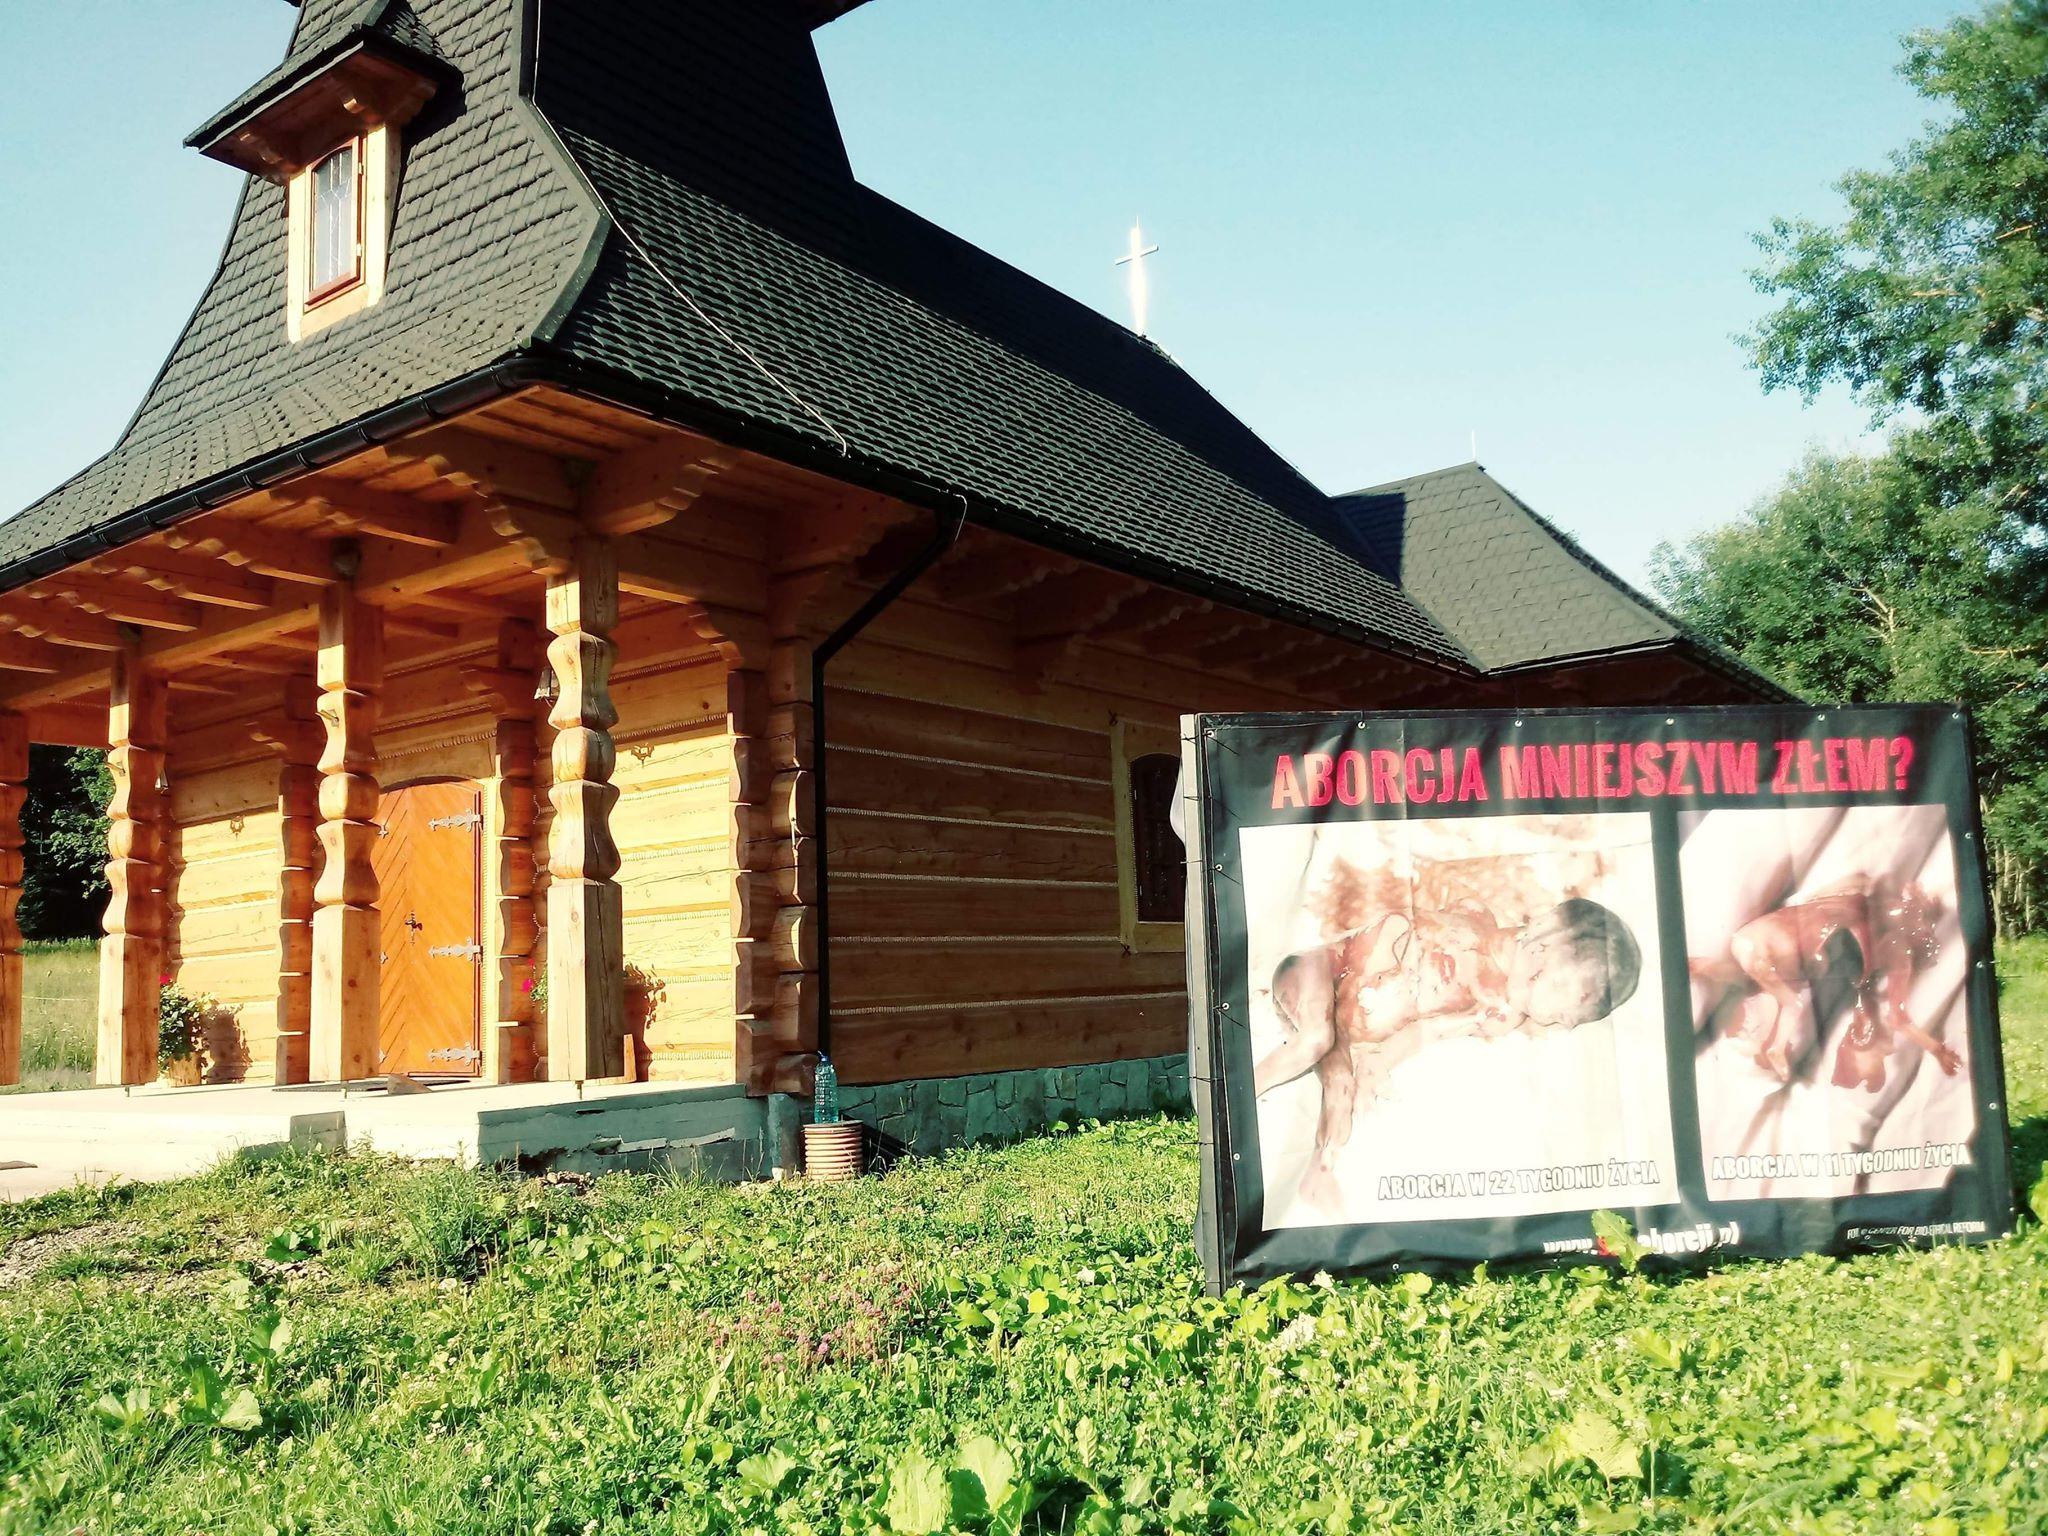 BIESZCZADY: Plakaty antyaborcyjne w Bieszczadach FOTO - Zdjęcie główne